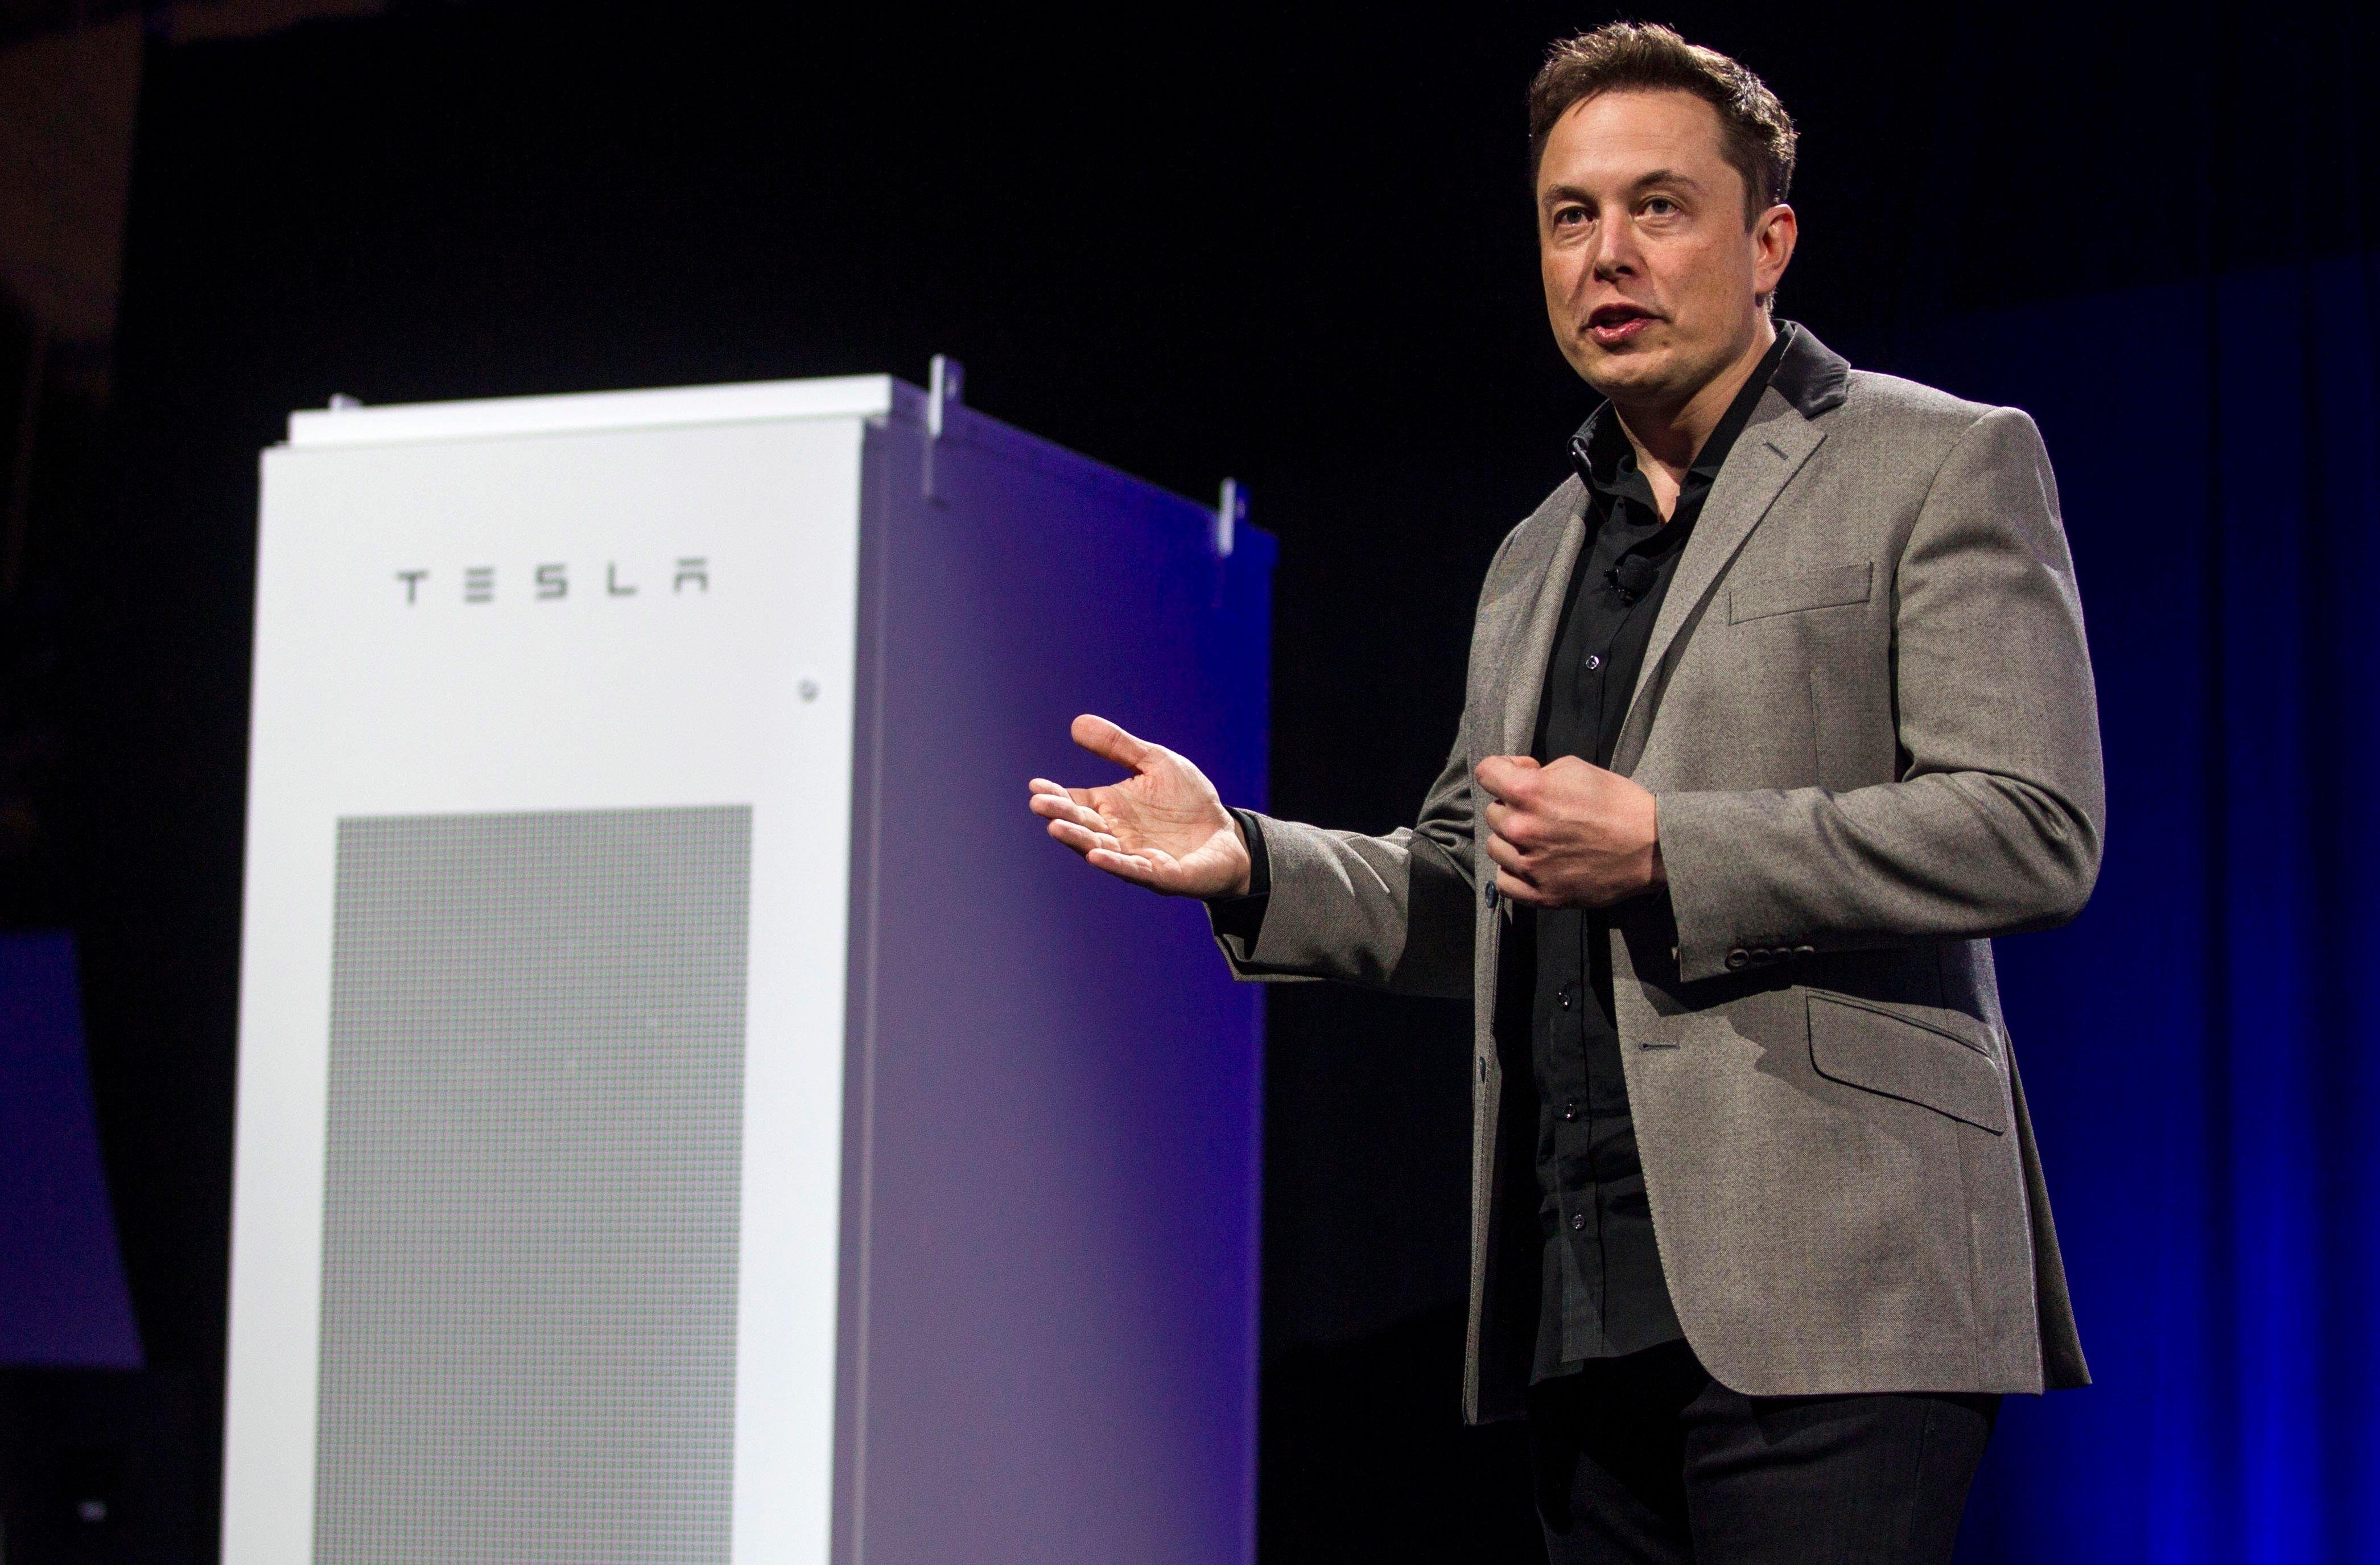 Musk presenta sus baterías hogareñas. Quiere cambiar la forma en que se consume electricidad en las casa. ¿Podrá?